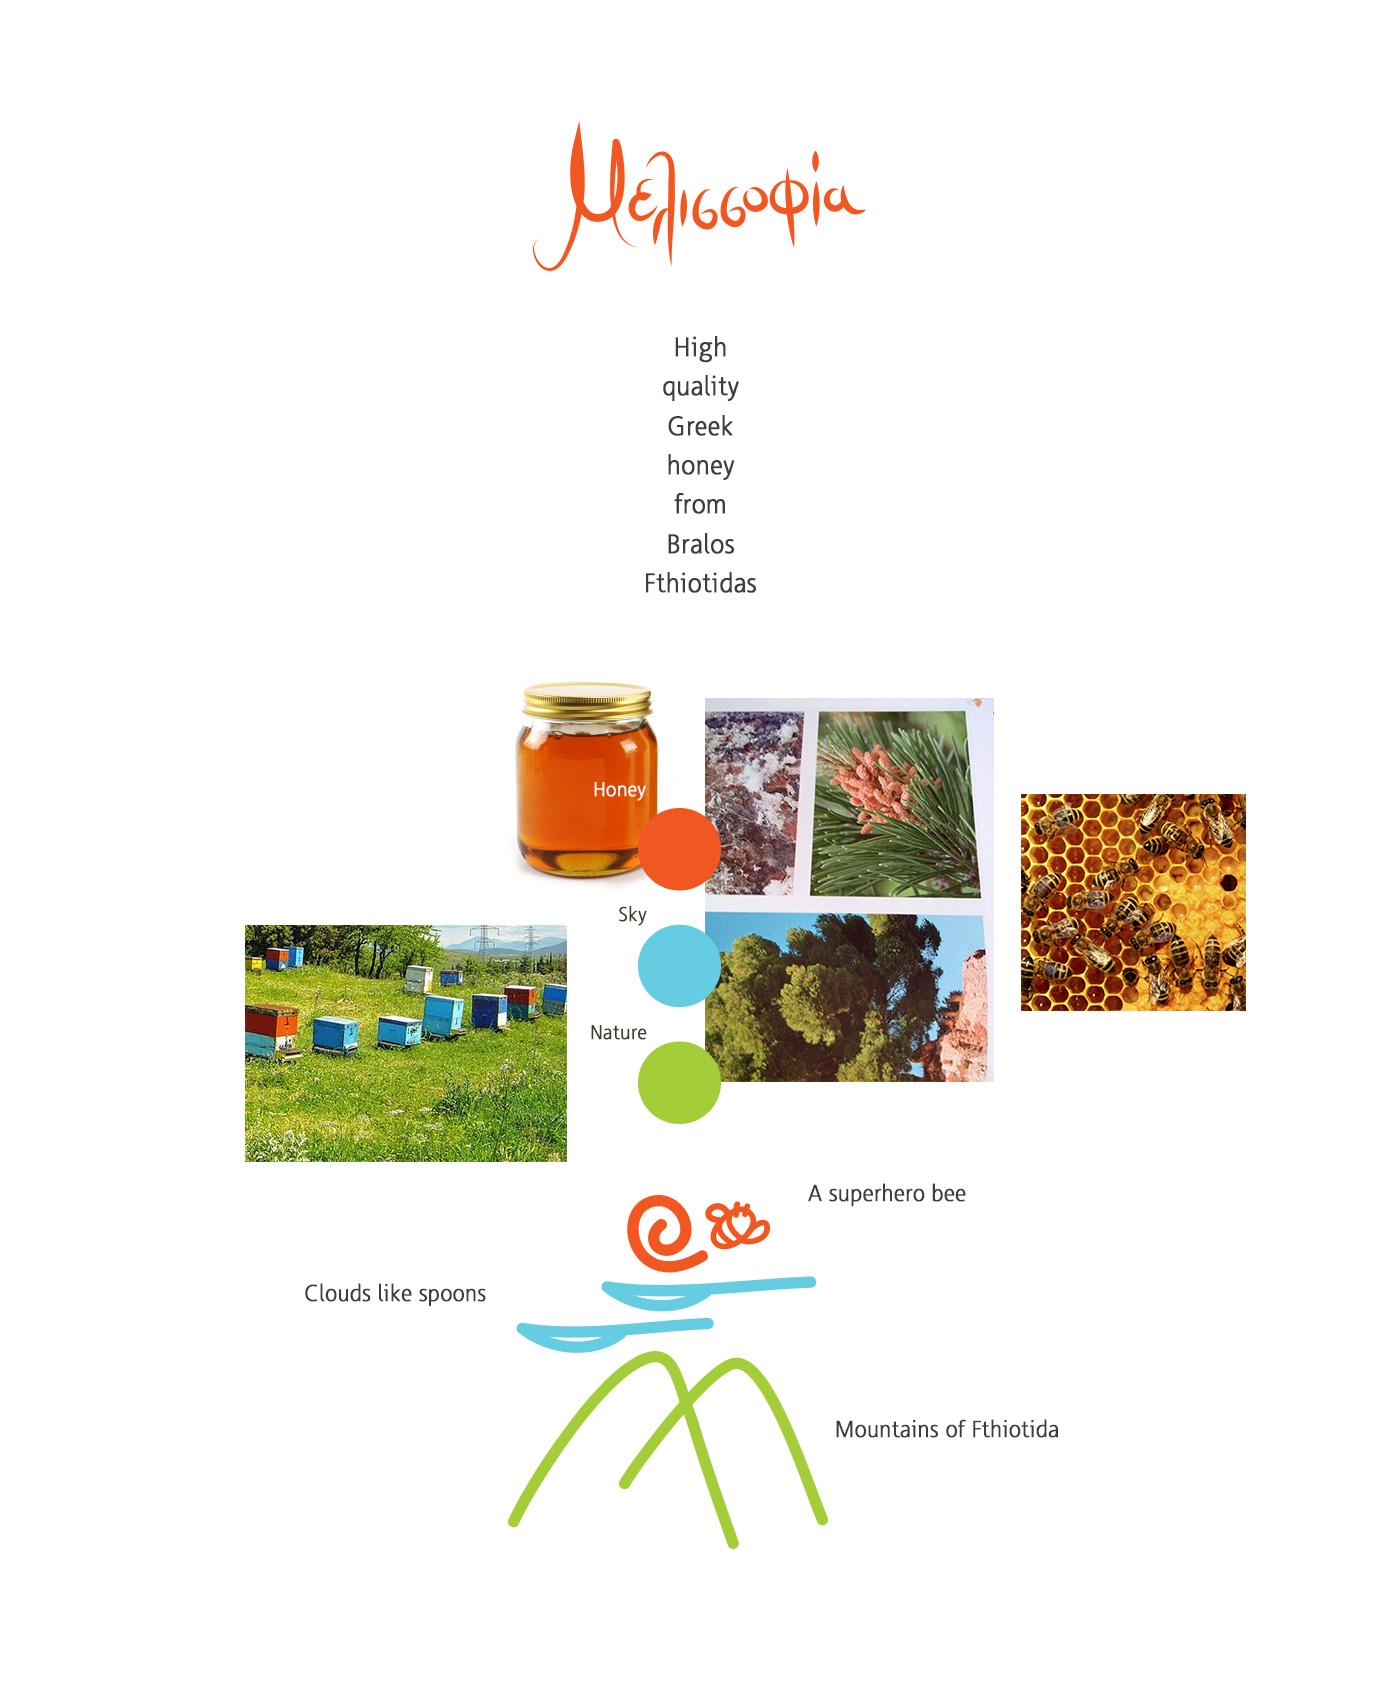 melissofia-logo1